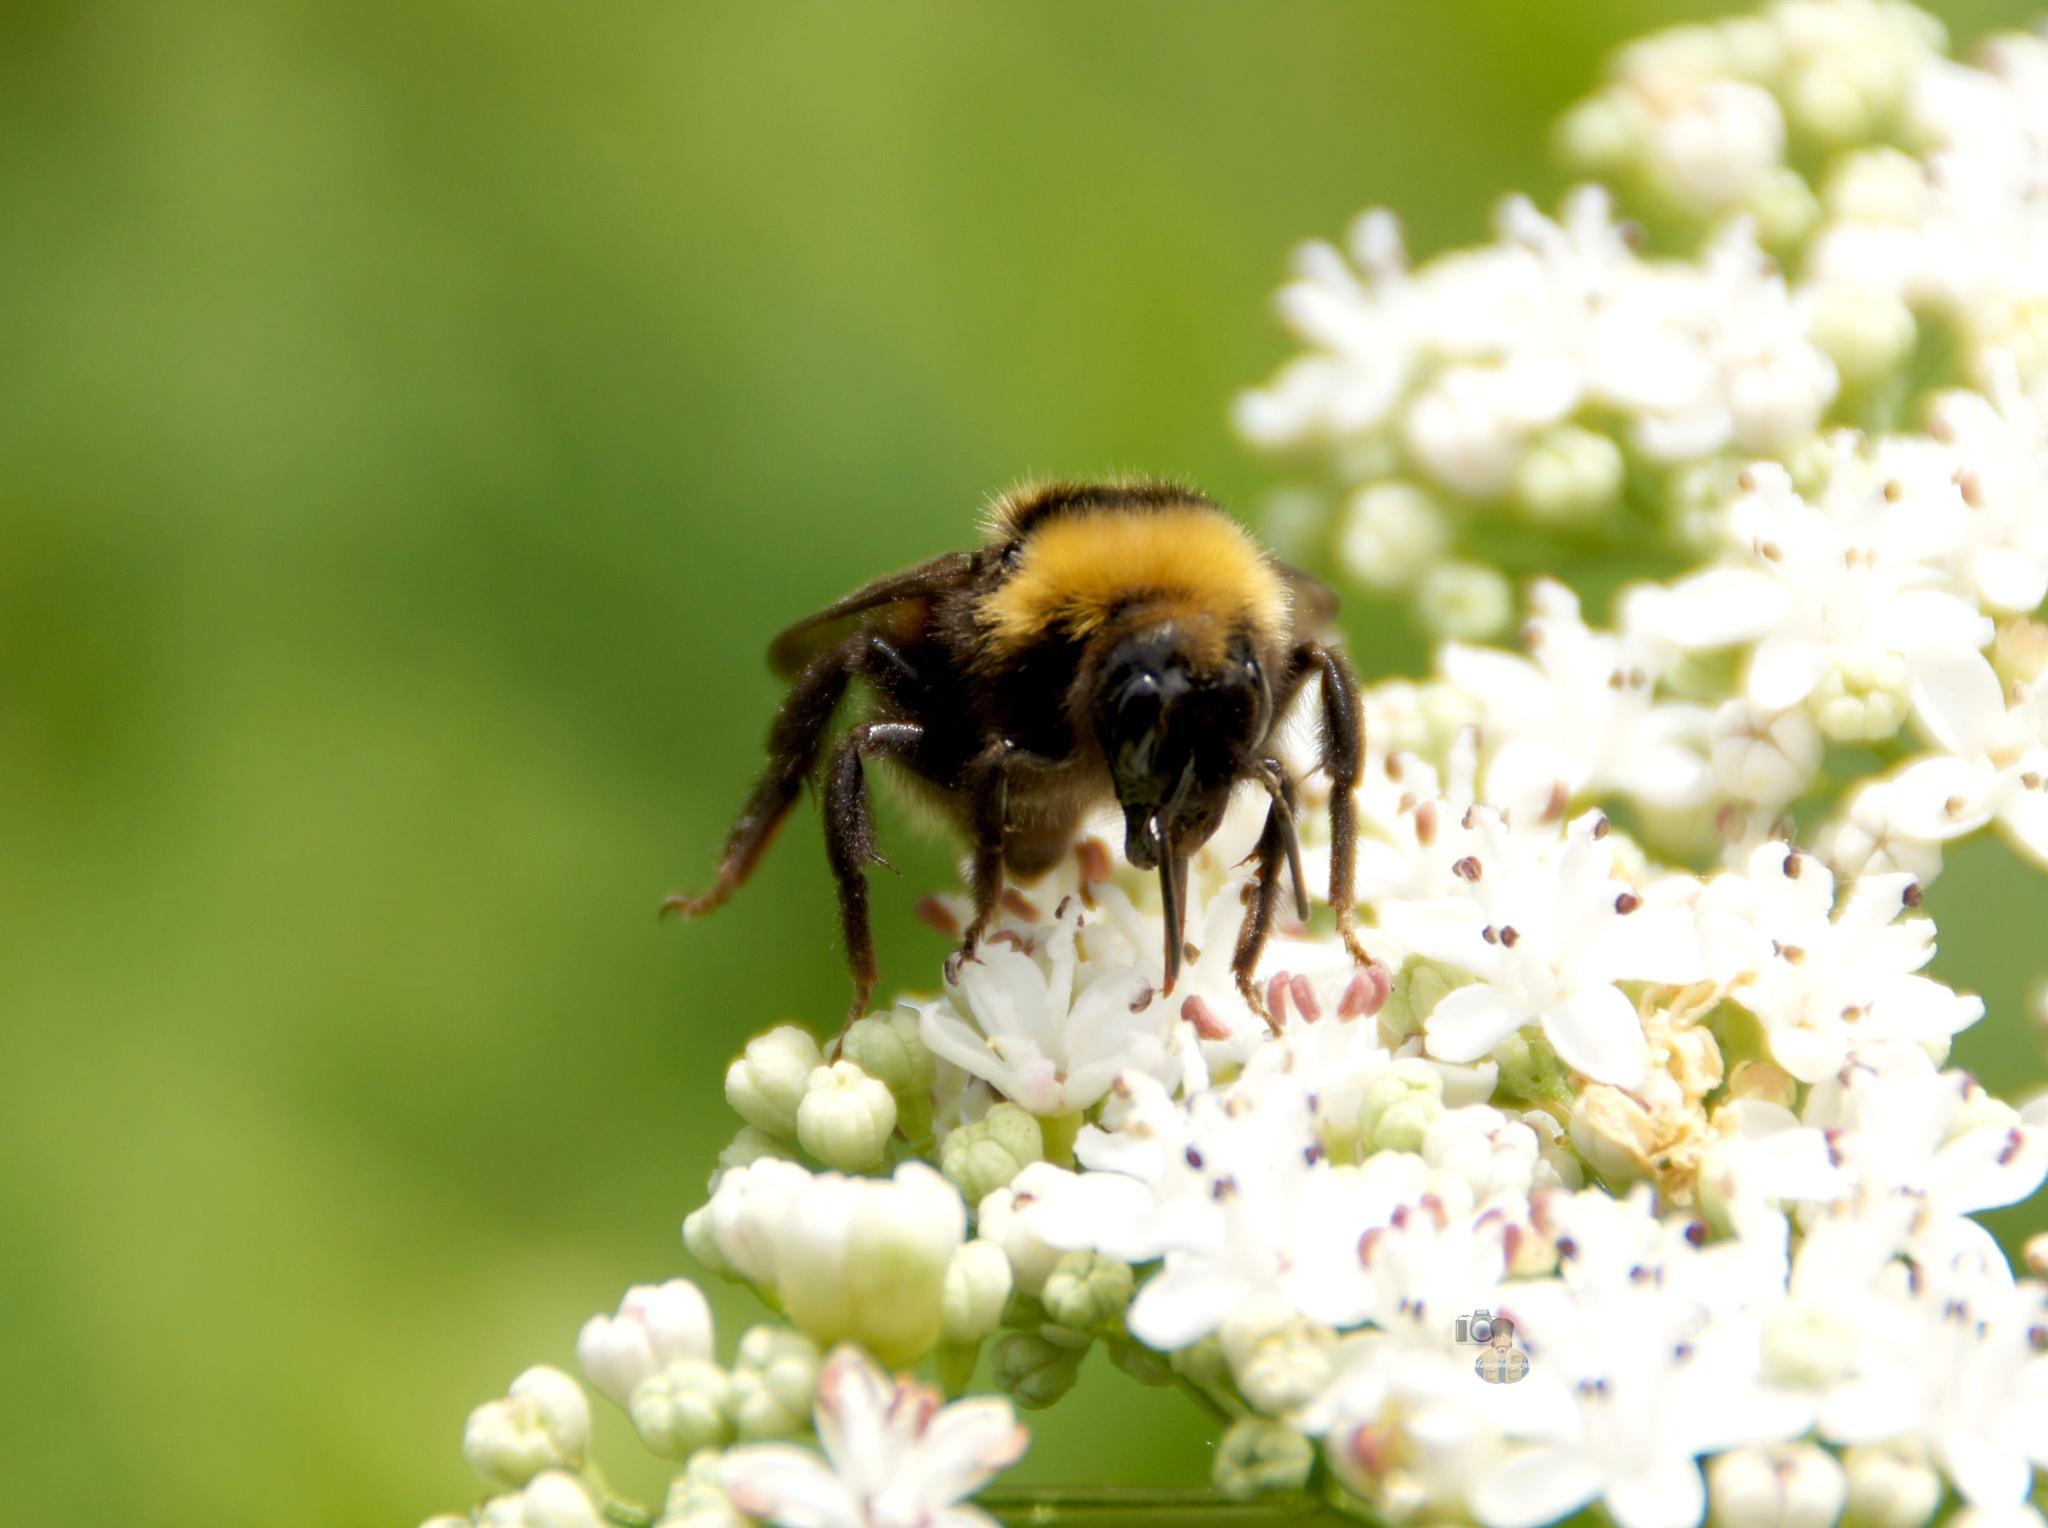 bumble bee by hunyadigeza